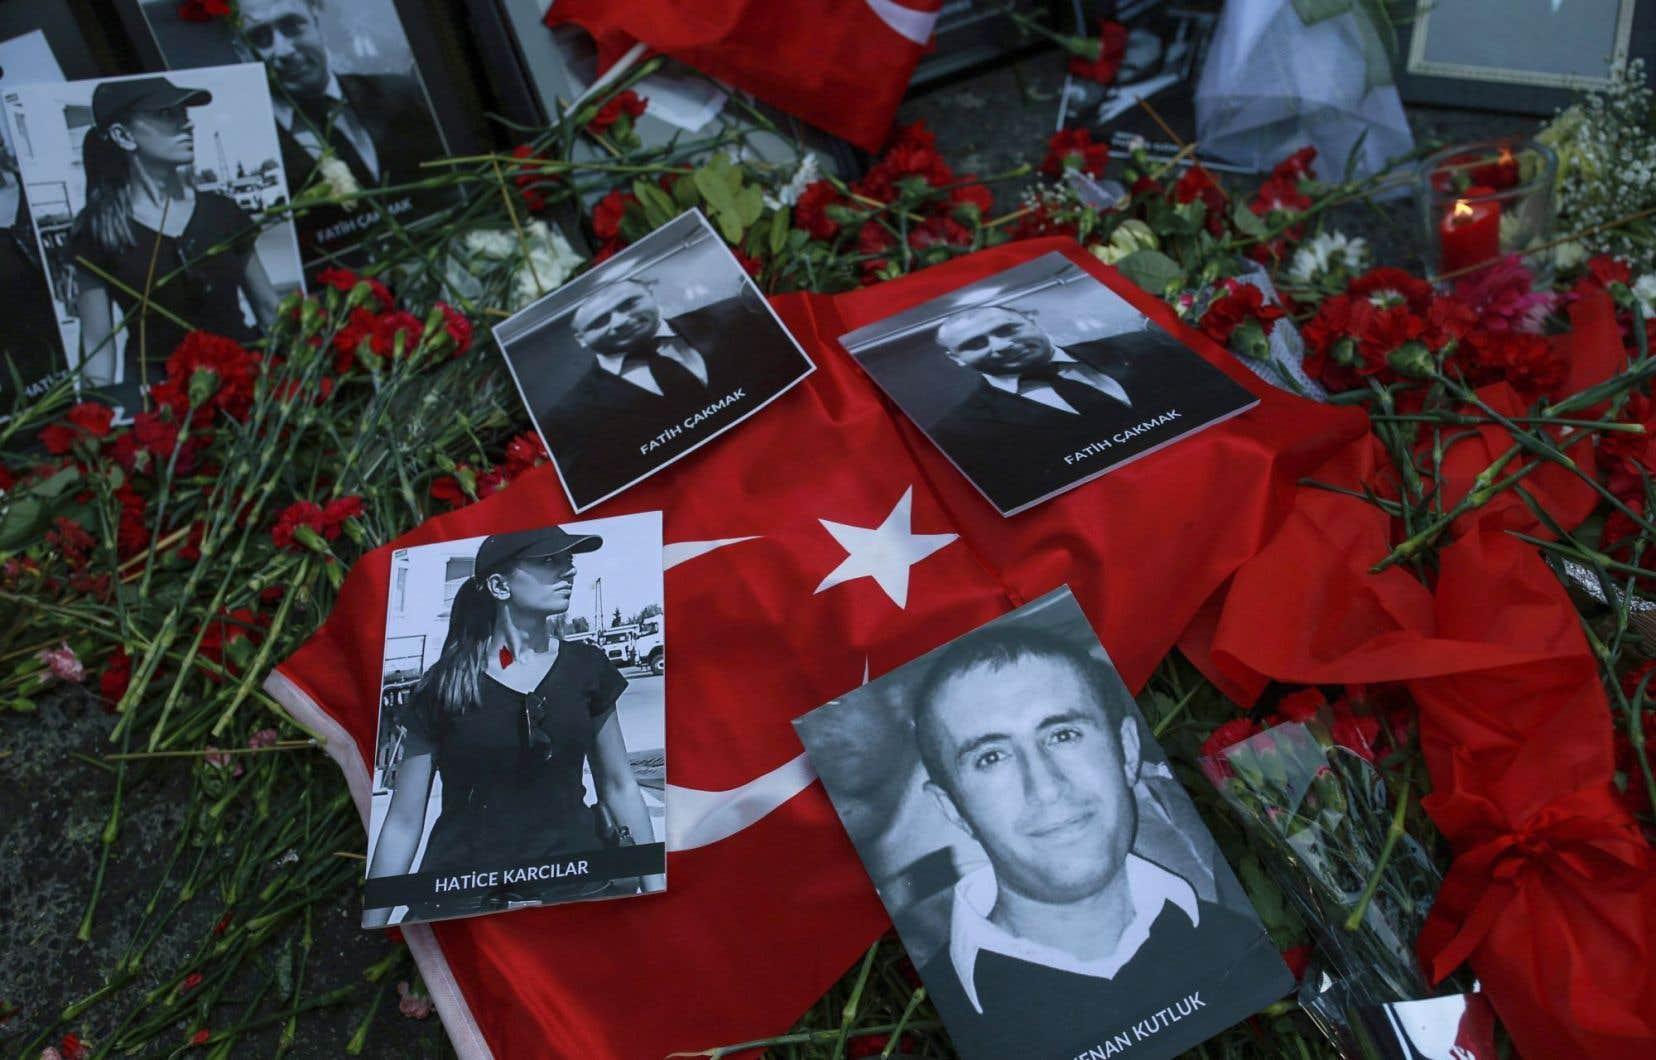 «L'attaque contre la boîte de nuit Reina n'est ni le premier attentat terroriste de grande ampleur survenu en Turquie ni la première attaque revendiquée par le groupe État islamique», rappelle Tolga Bilener.